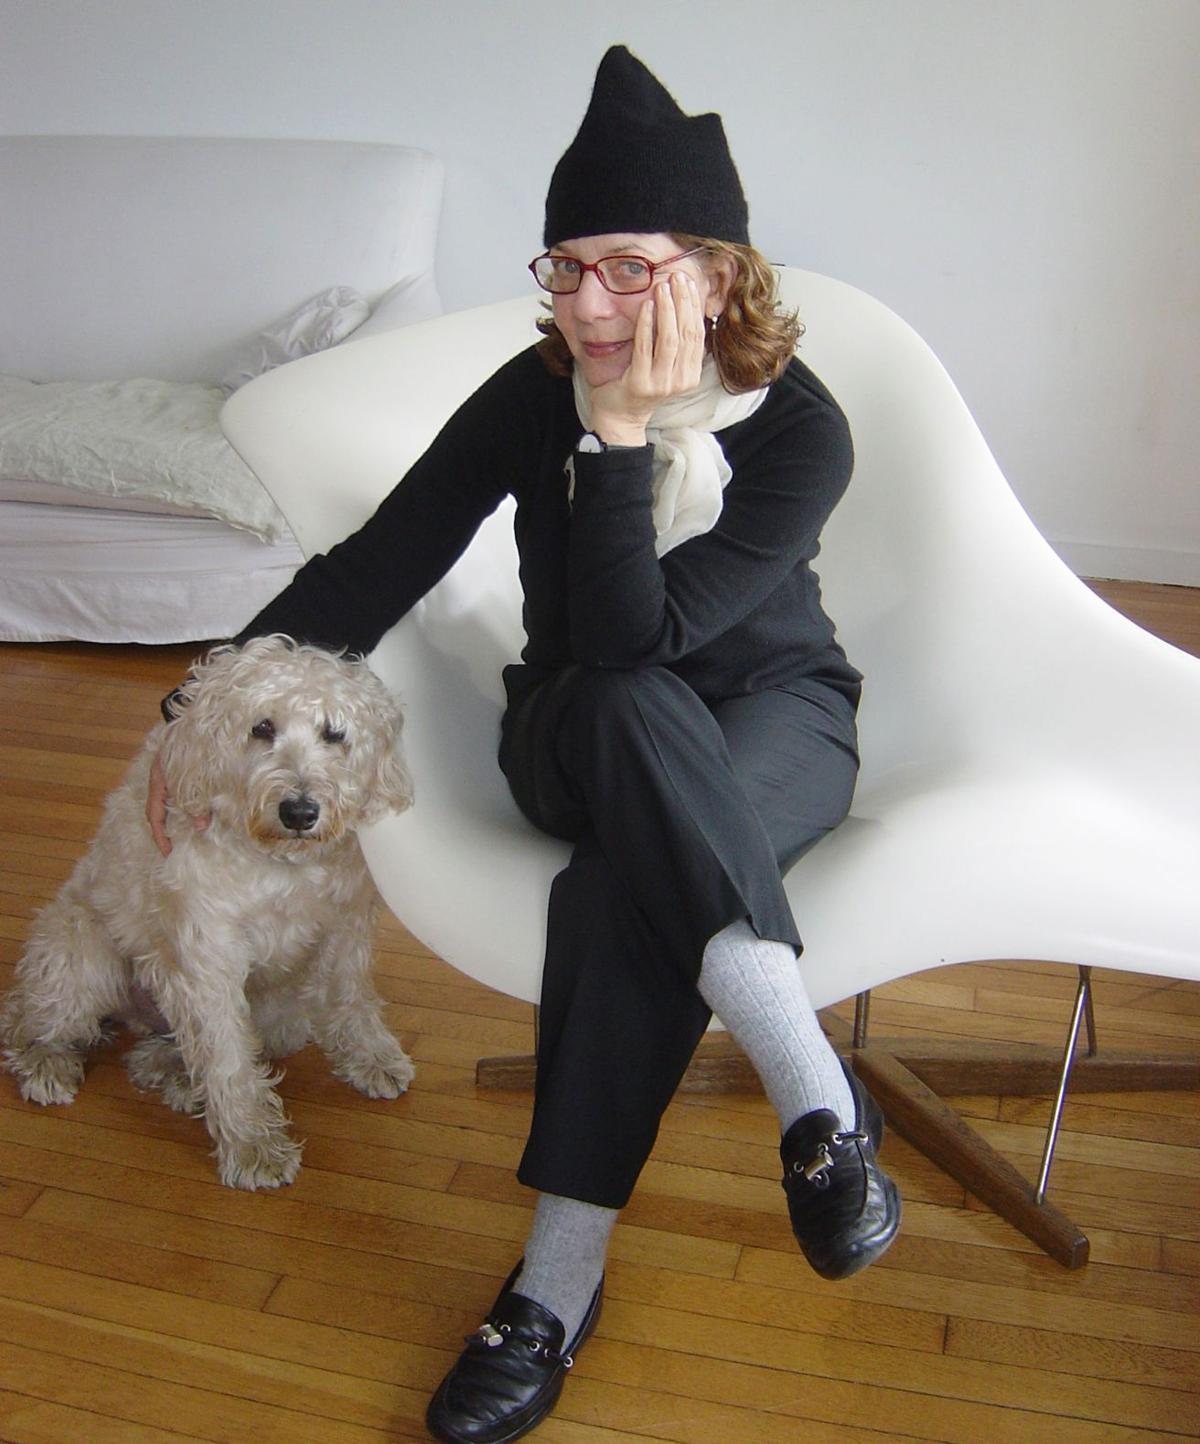 061919_MNS_High_Kalman_001 Maira Kalman with her dog Pete